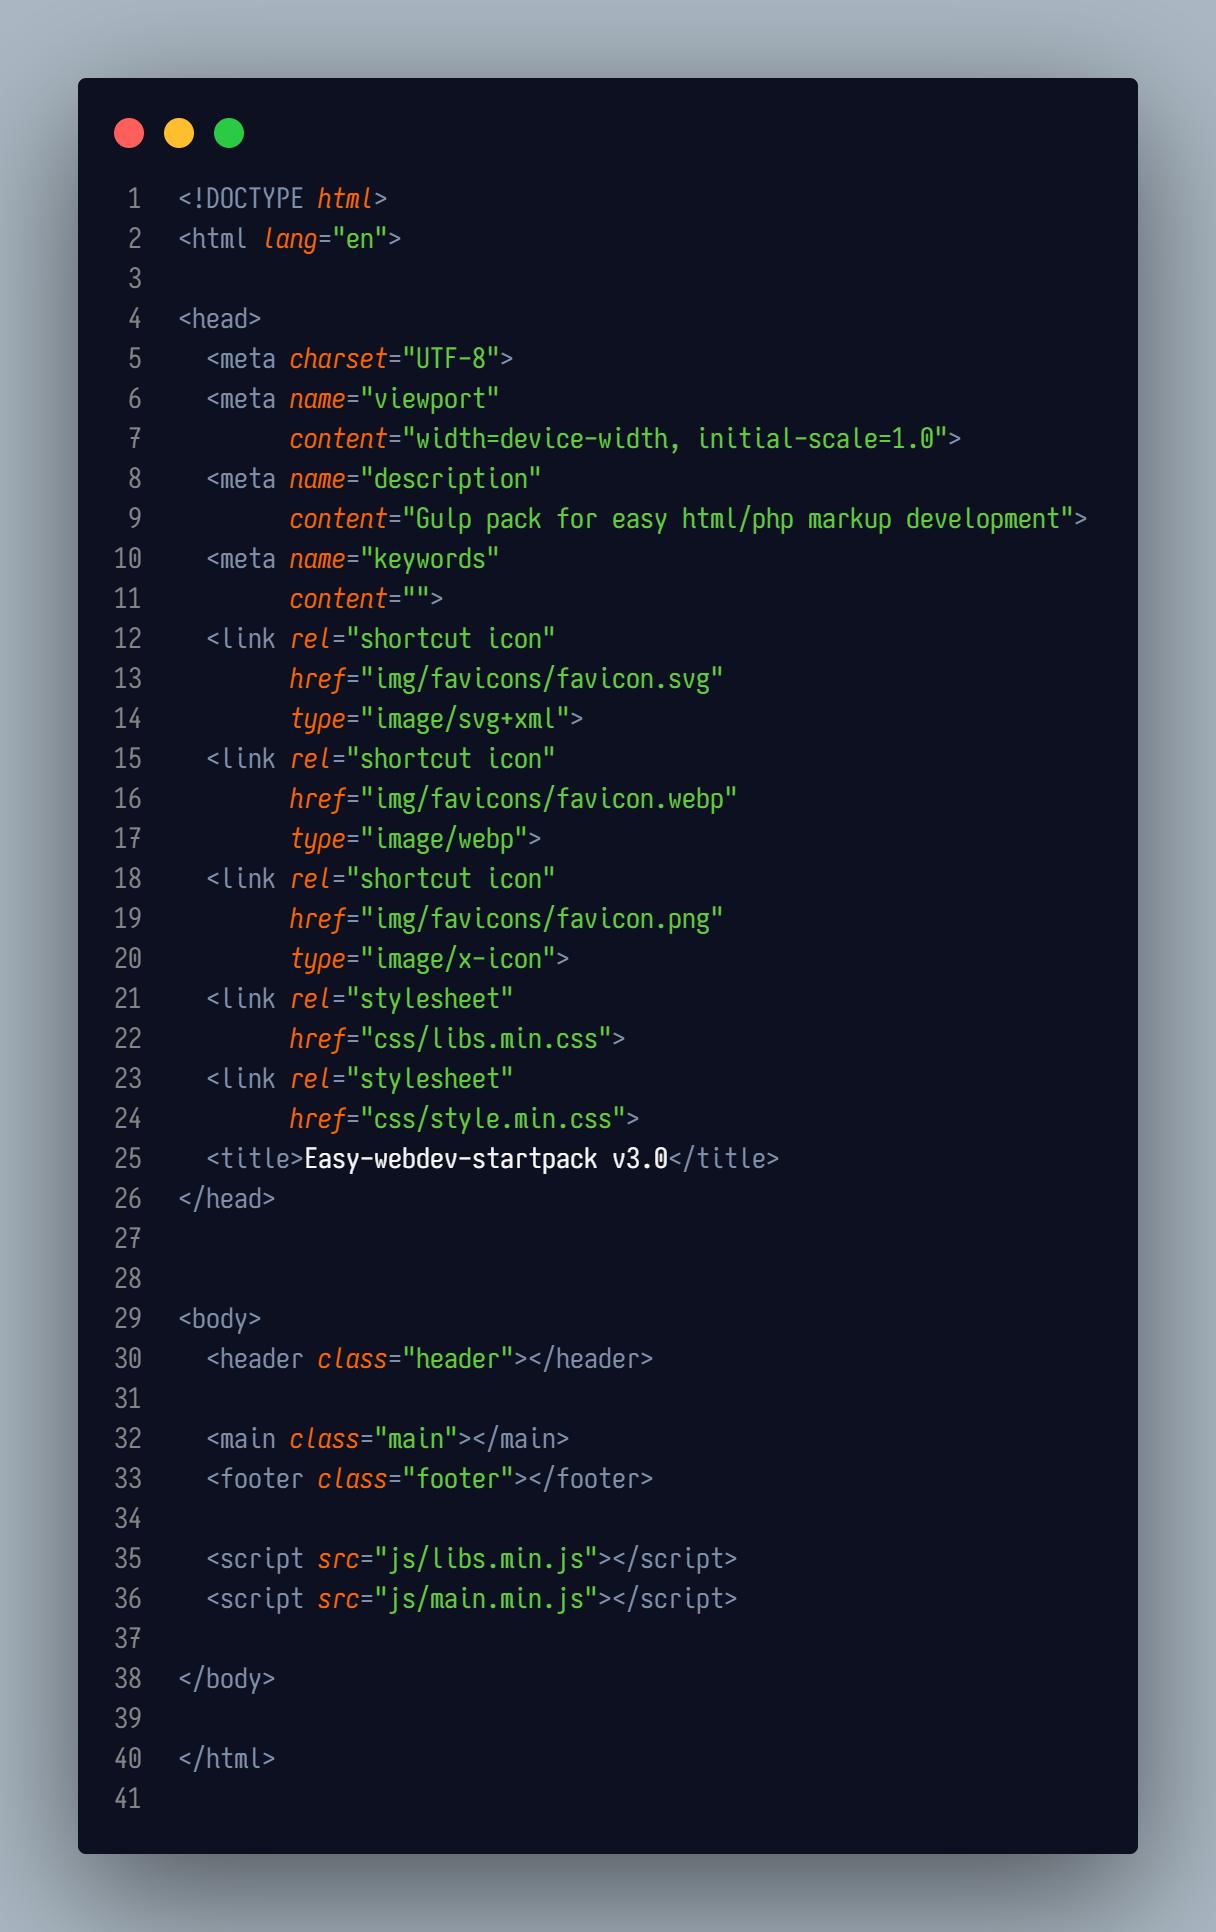 build/index.html